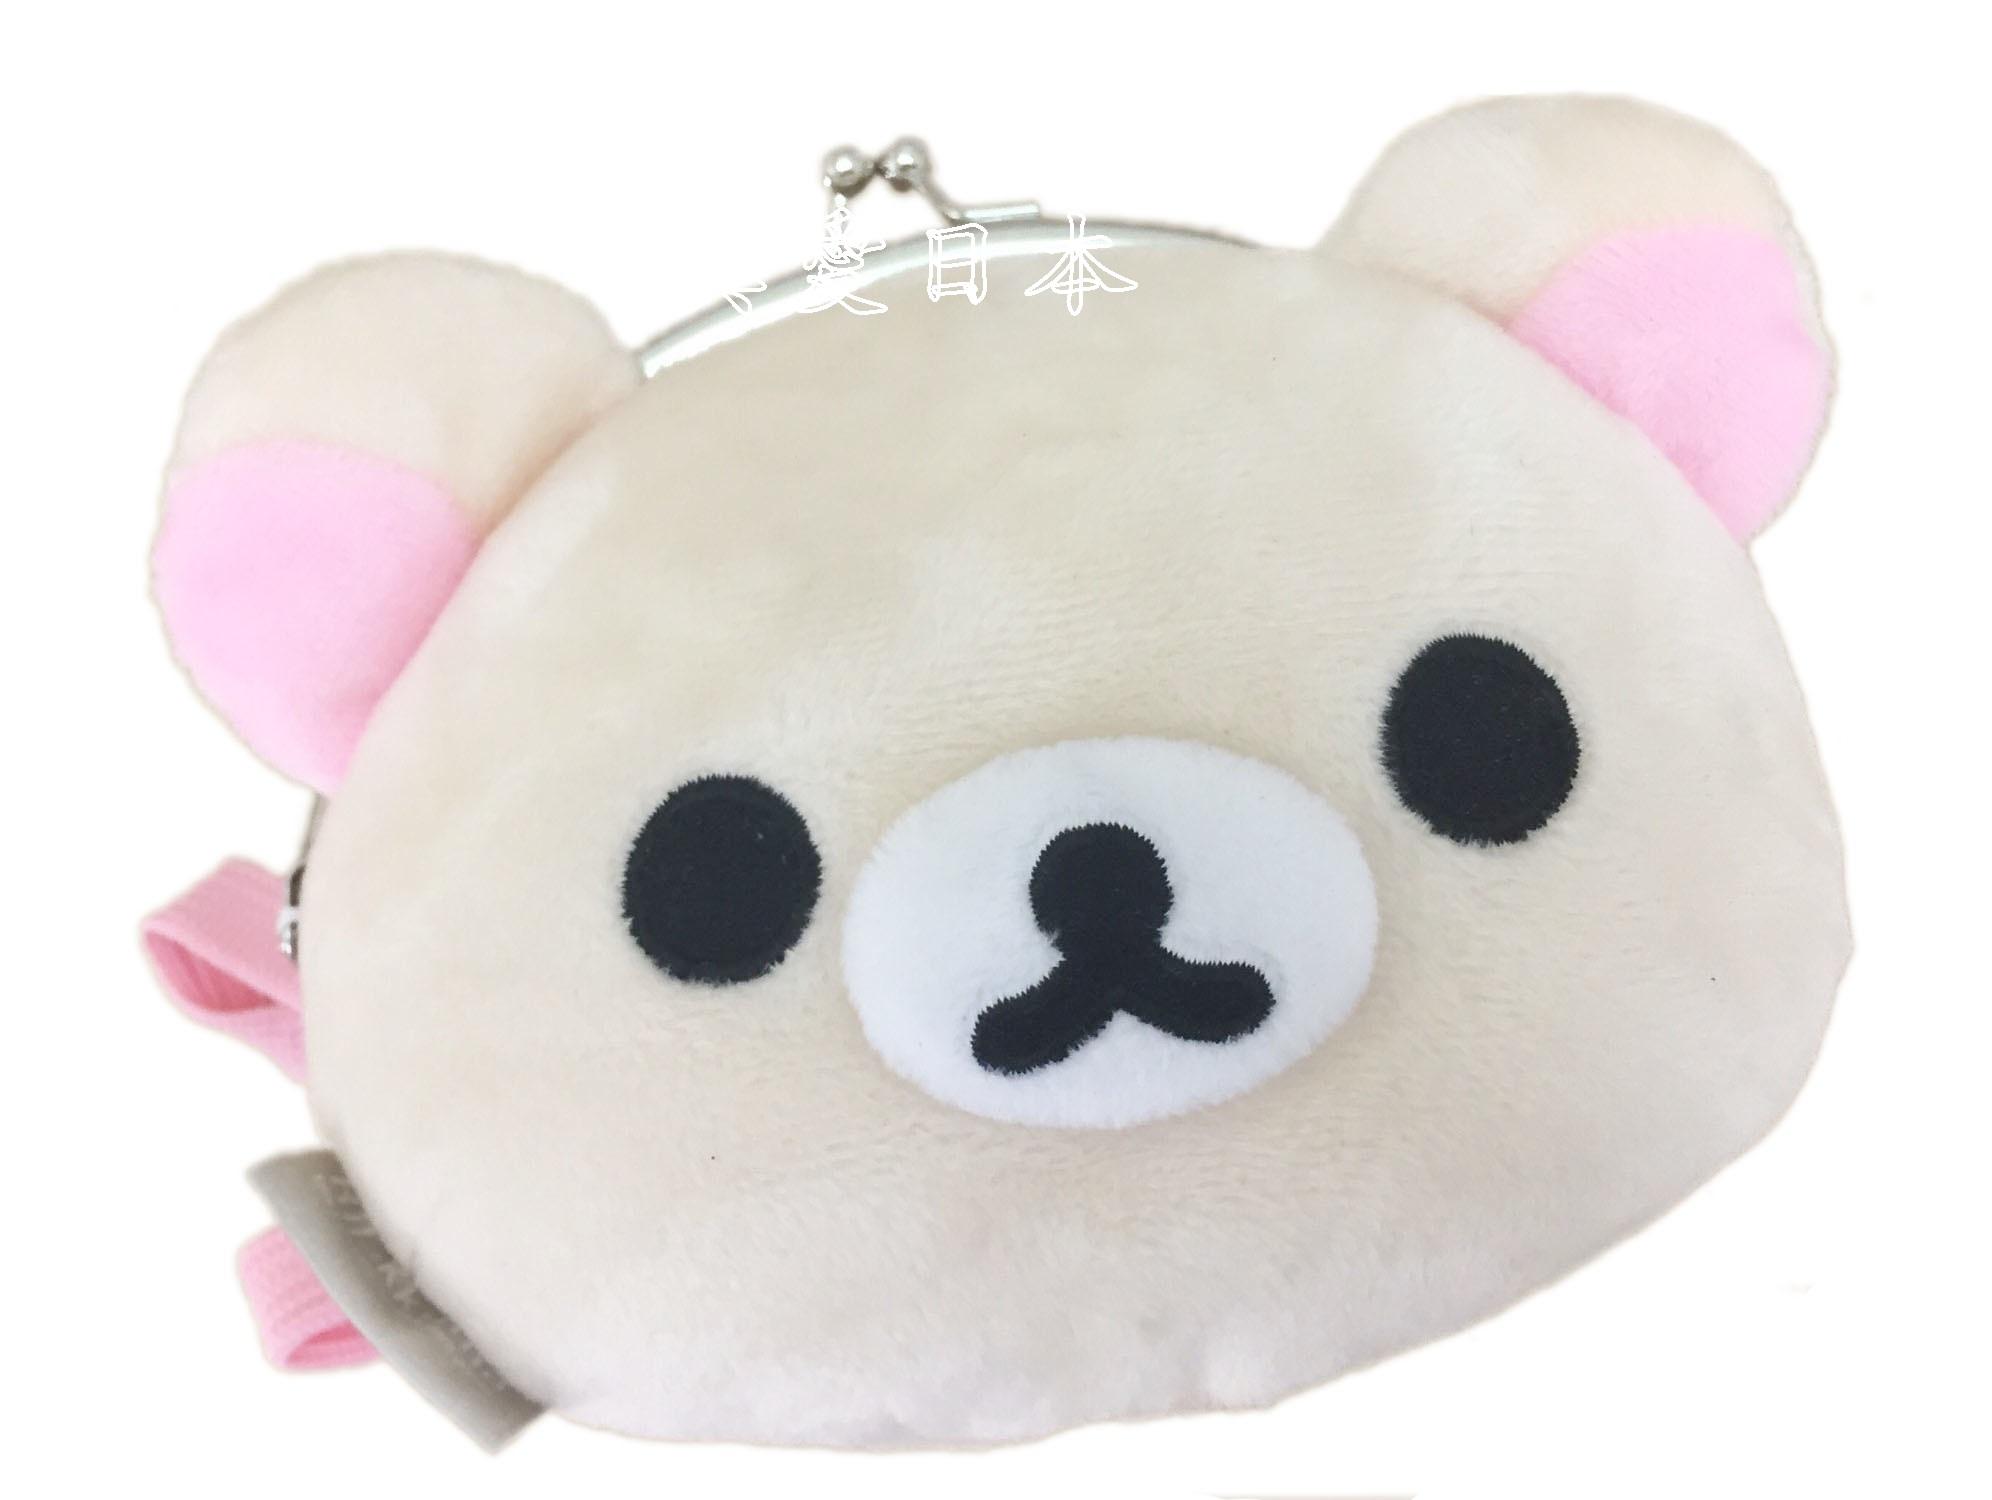 【真愛日本】16071800003頭型掛繩鐵扣零錢包票夾-奶熊  拉拉熊 San-X 零錢包 收納 包包